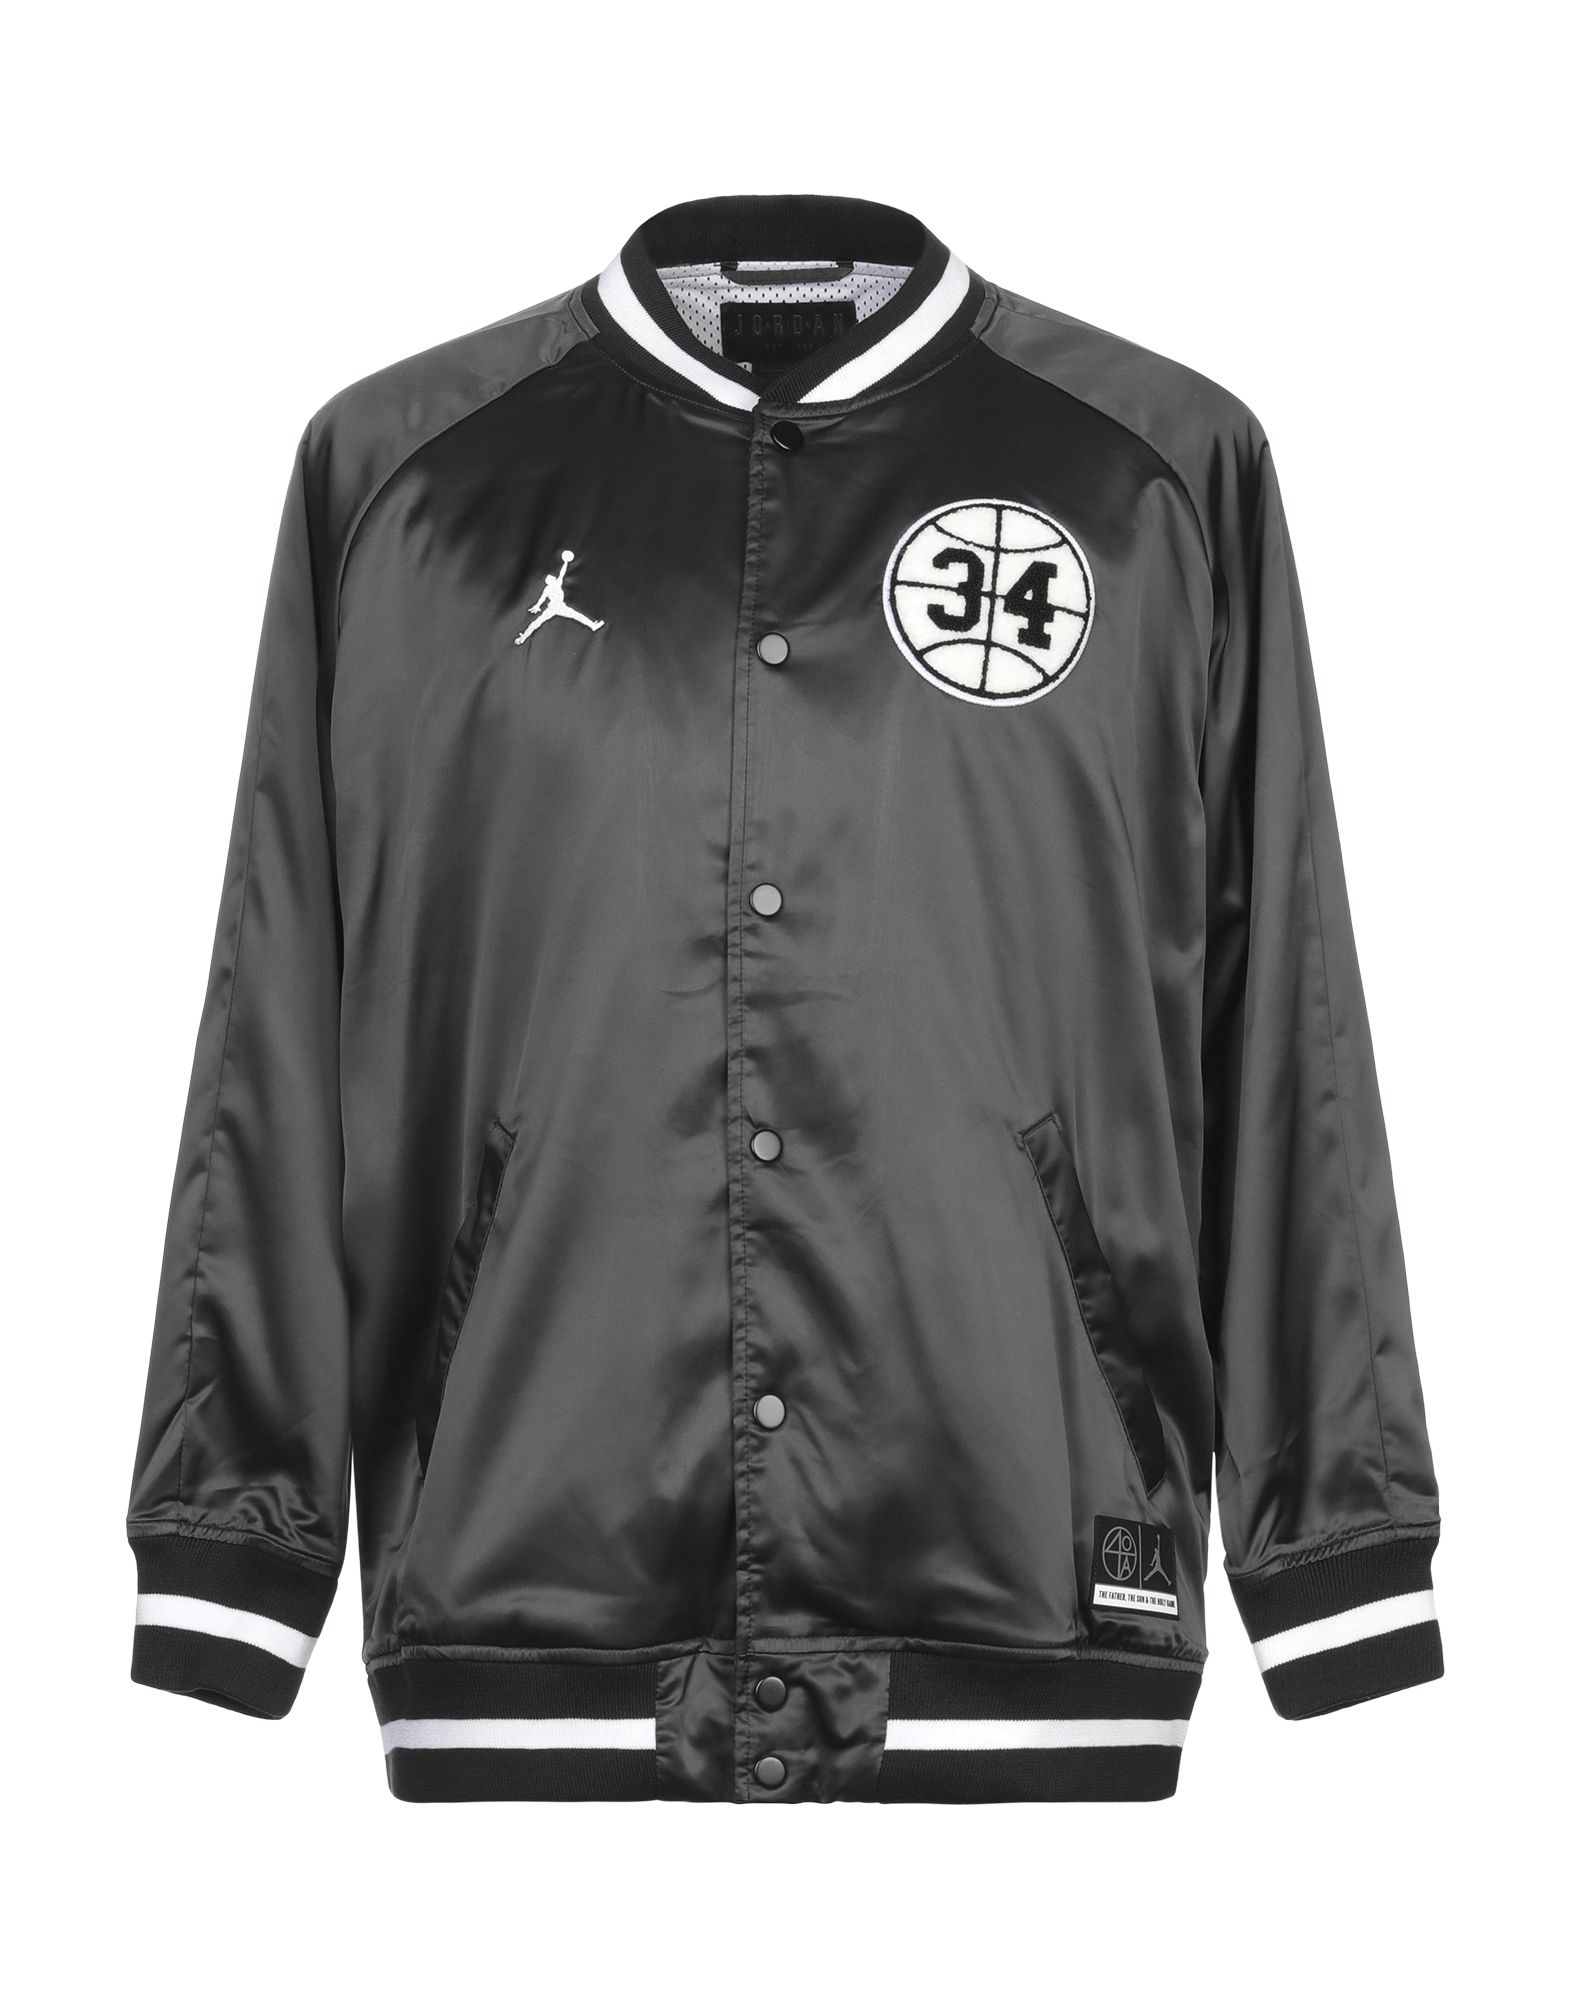 d23d654f4d87b8 Buy jordan coats   jackets for men - Best men s jordan coats   jackets shop  - Cools.com